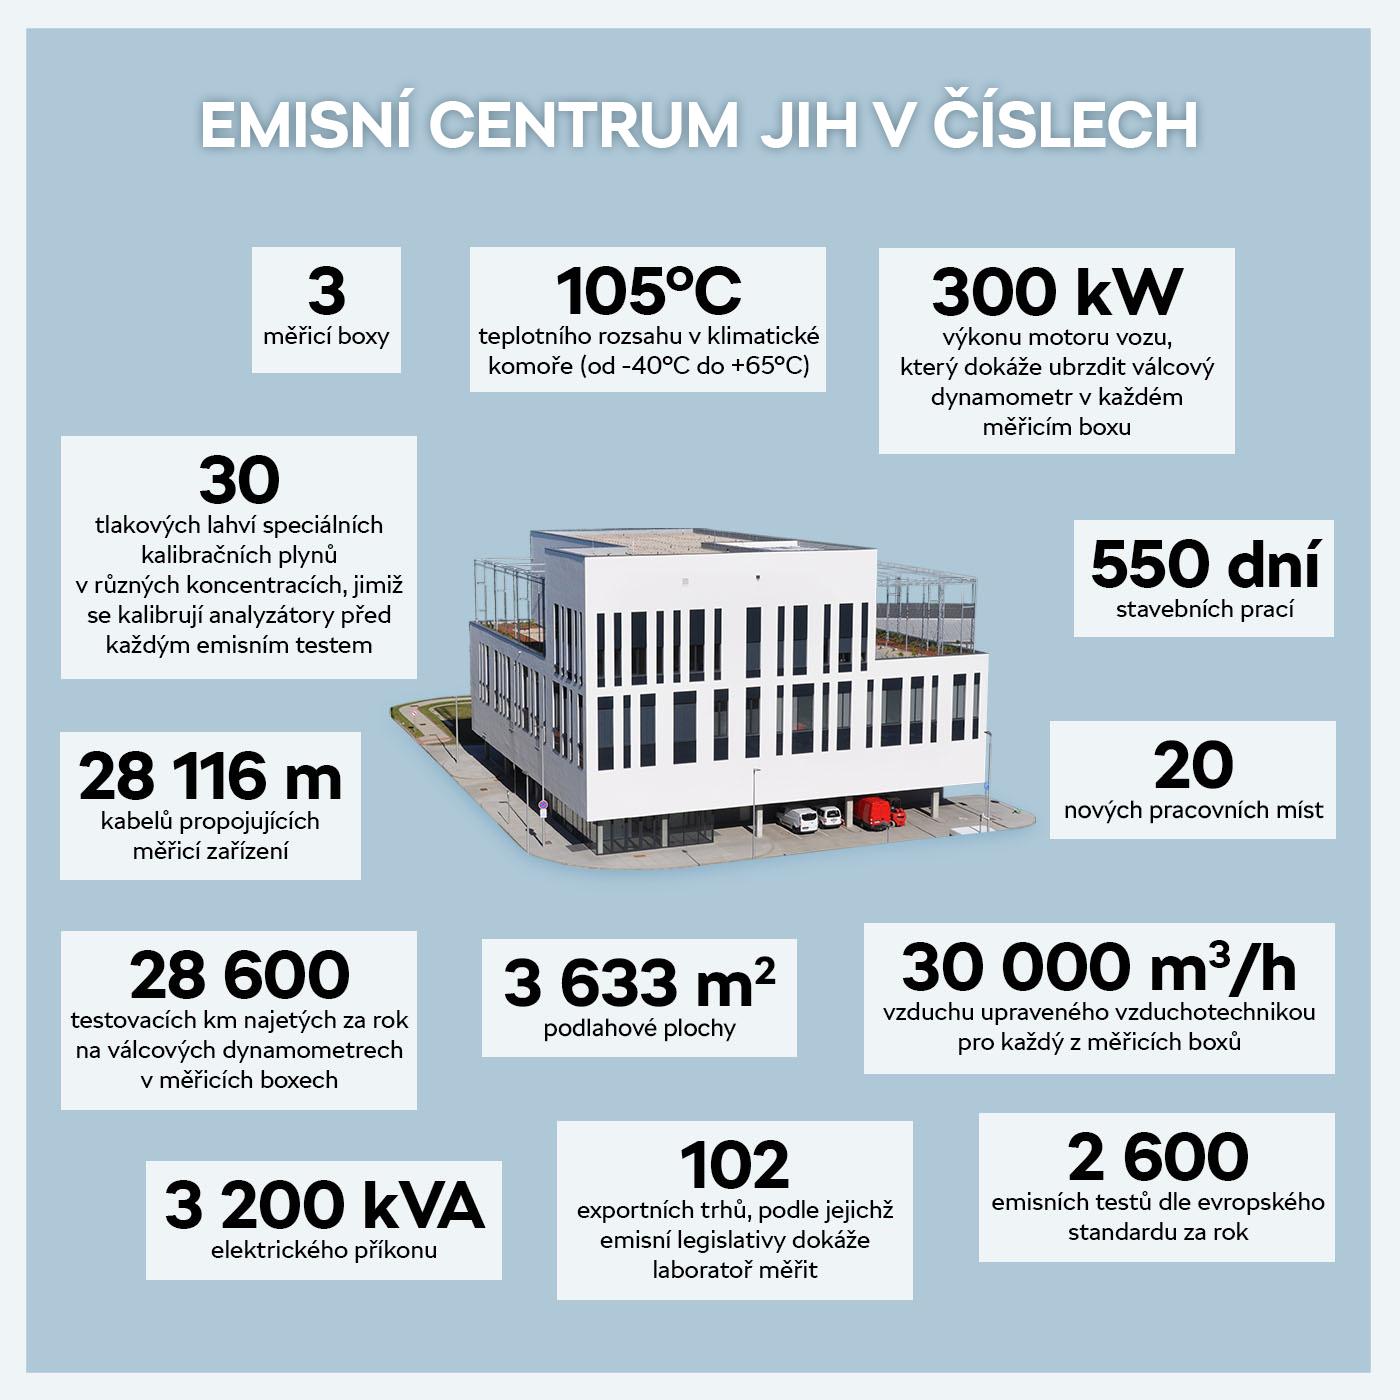 Emisní centrum v číslech